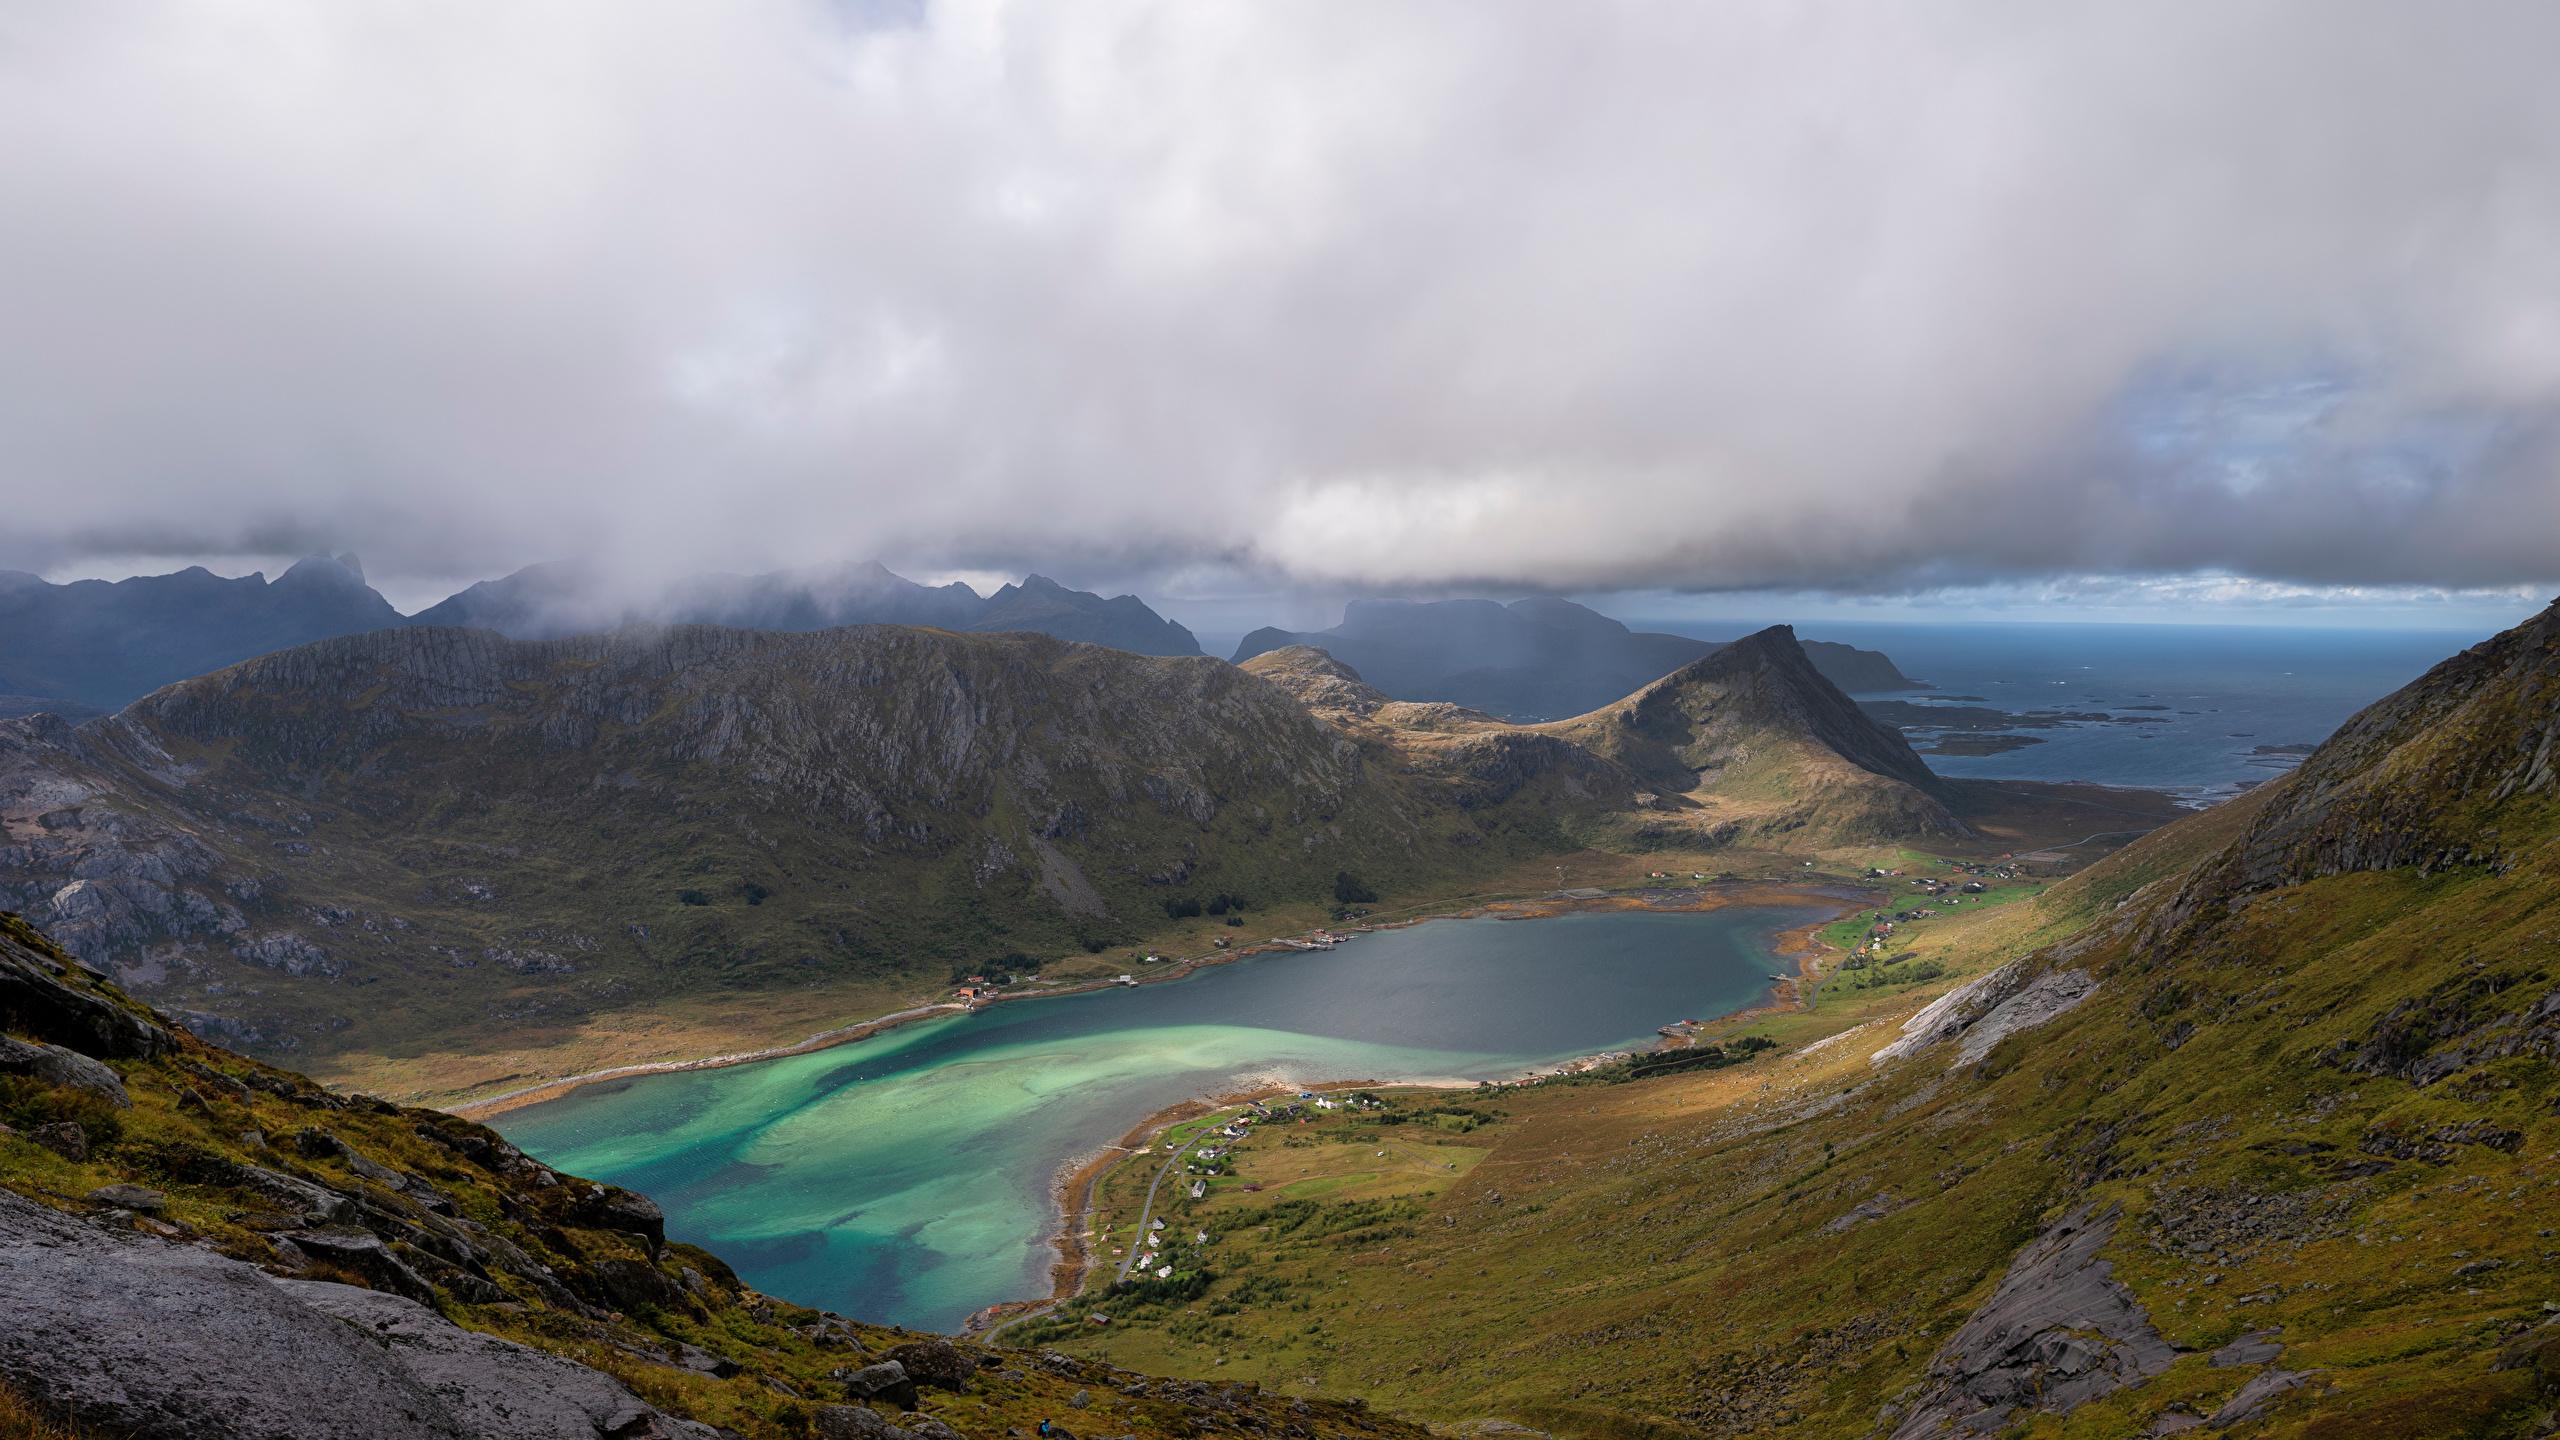 Fotos von Lofoten Norwegen Skjelfjorden Fjord Natur Gebirge Wolke 2560x1440 Berg